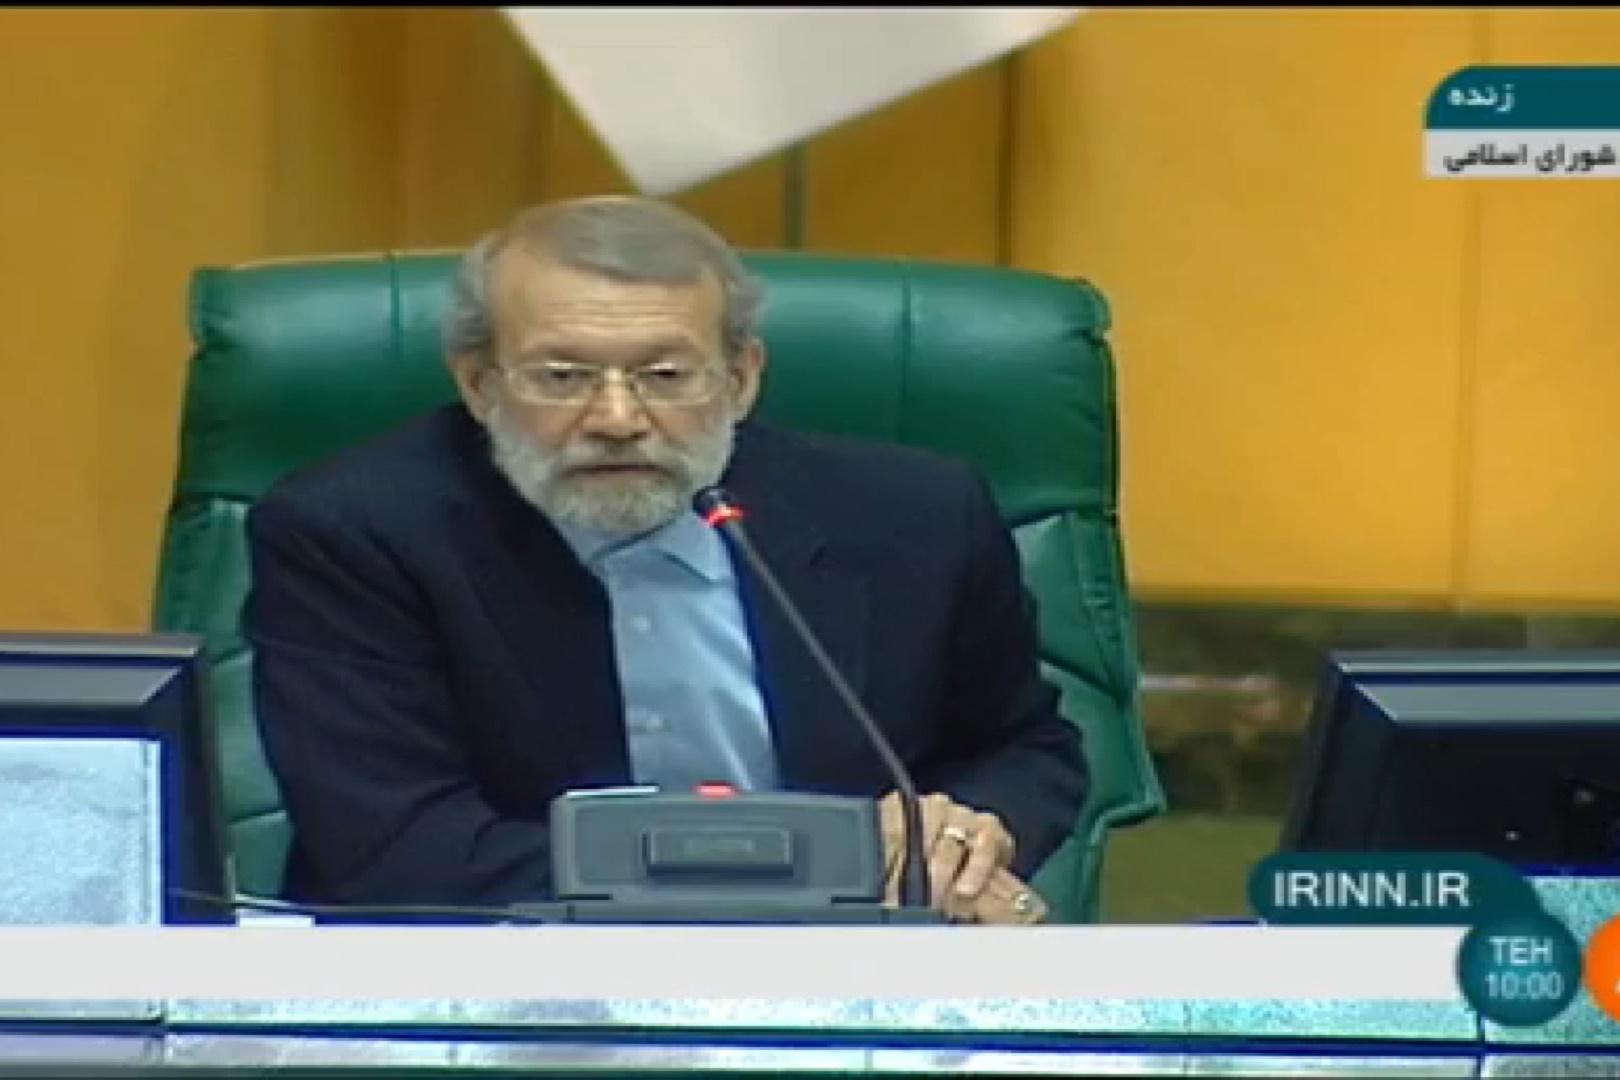 فیلم | شوخی لاریجانی با نماینده موافق وزیر ورزش: دفاع در وقت غصبی نتیجه معکوس دارد!